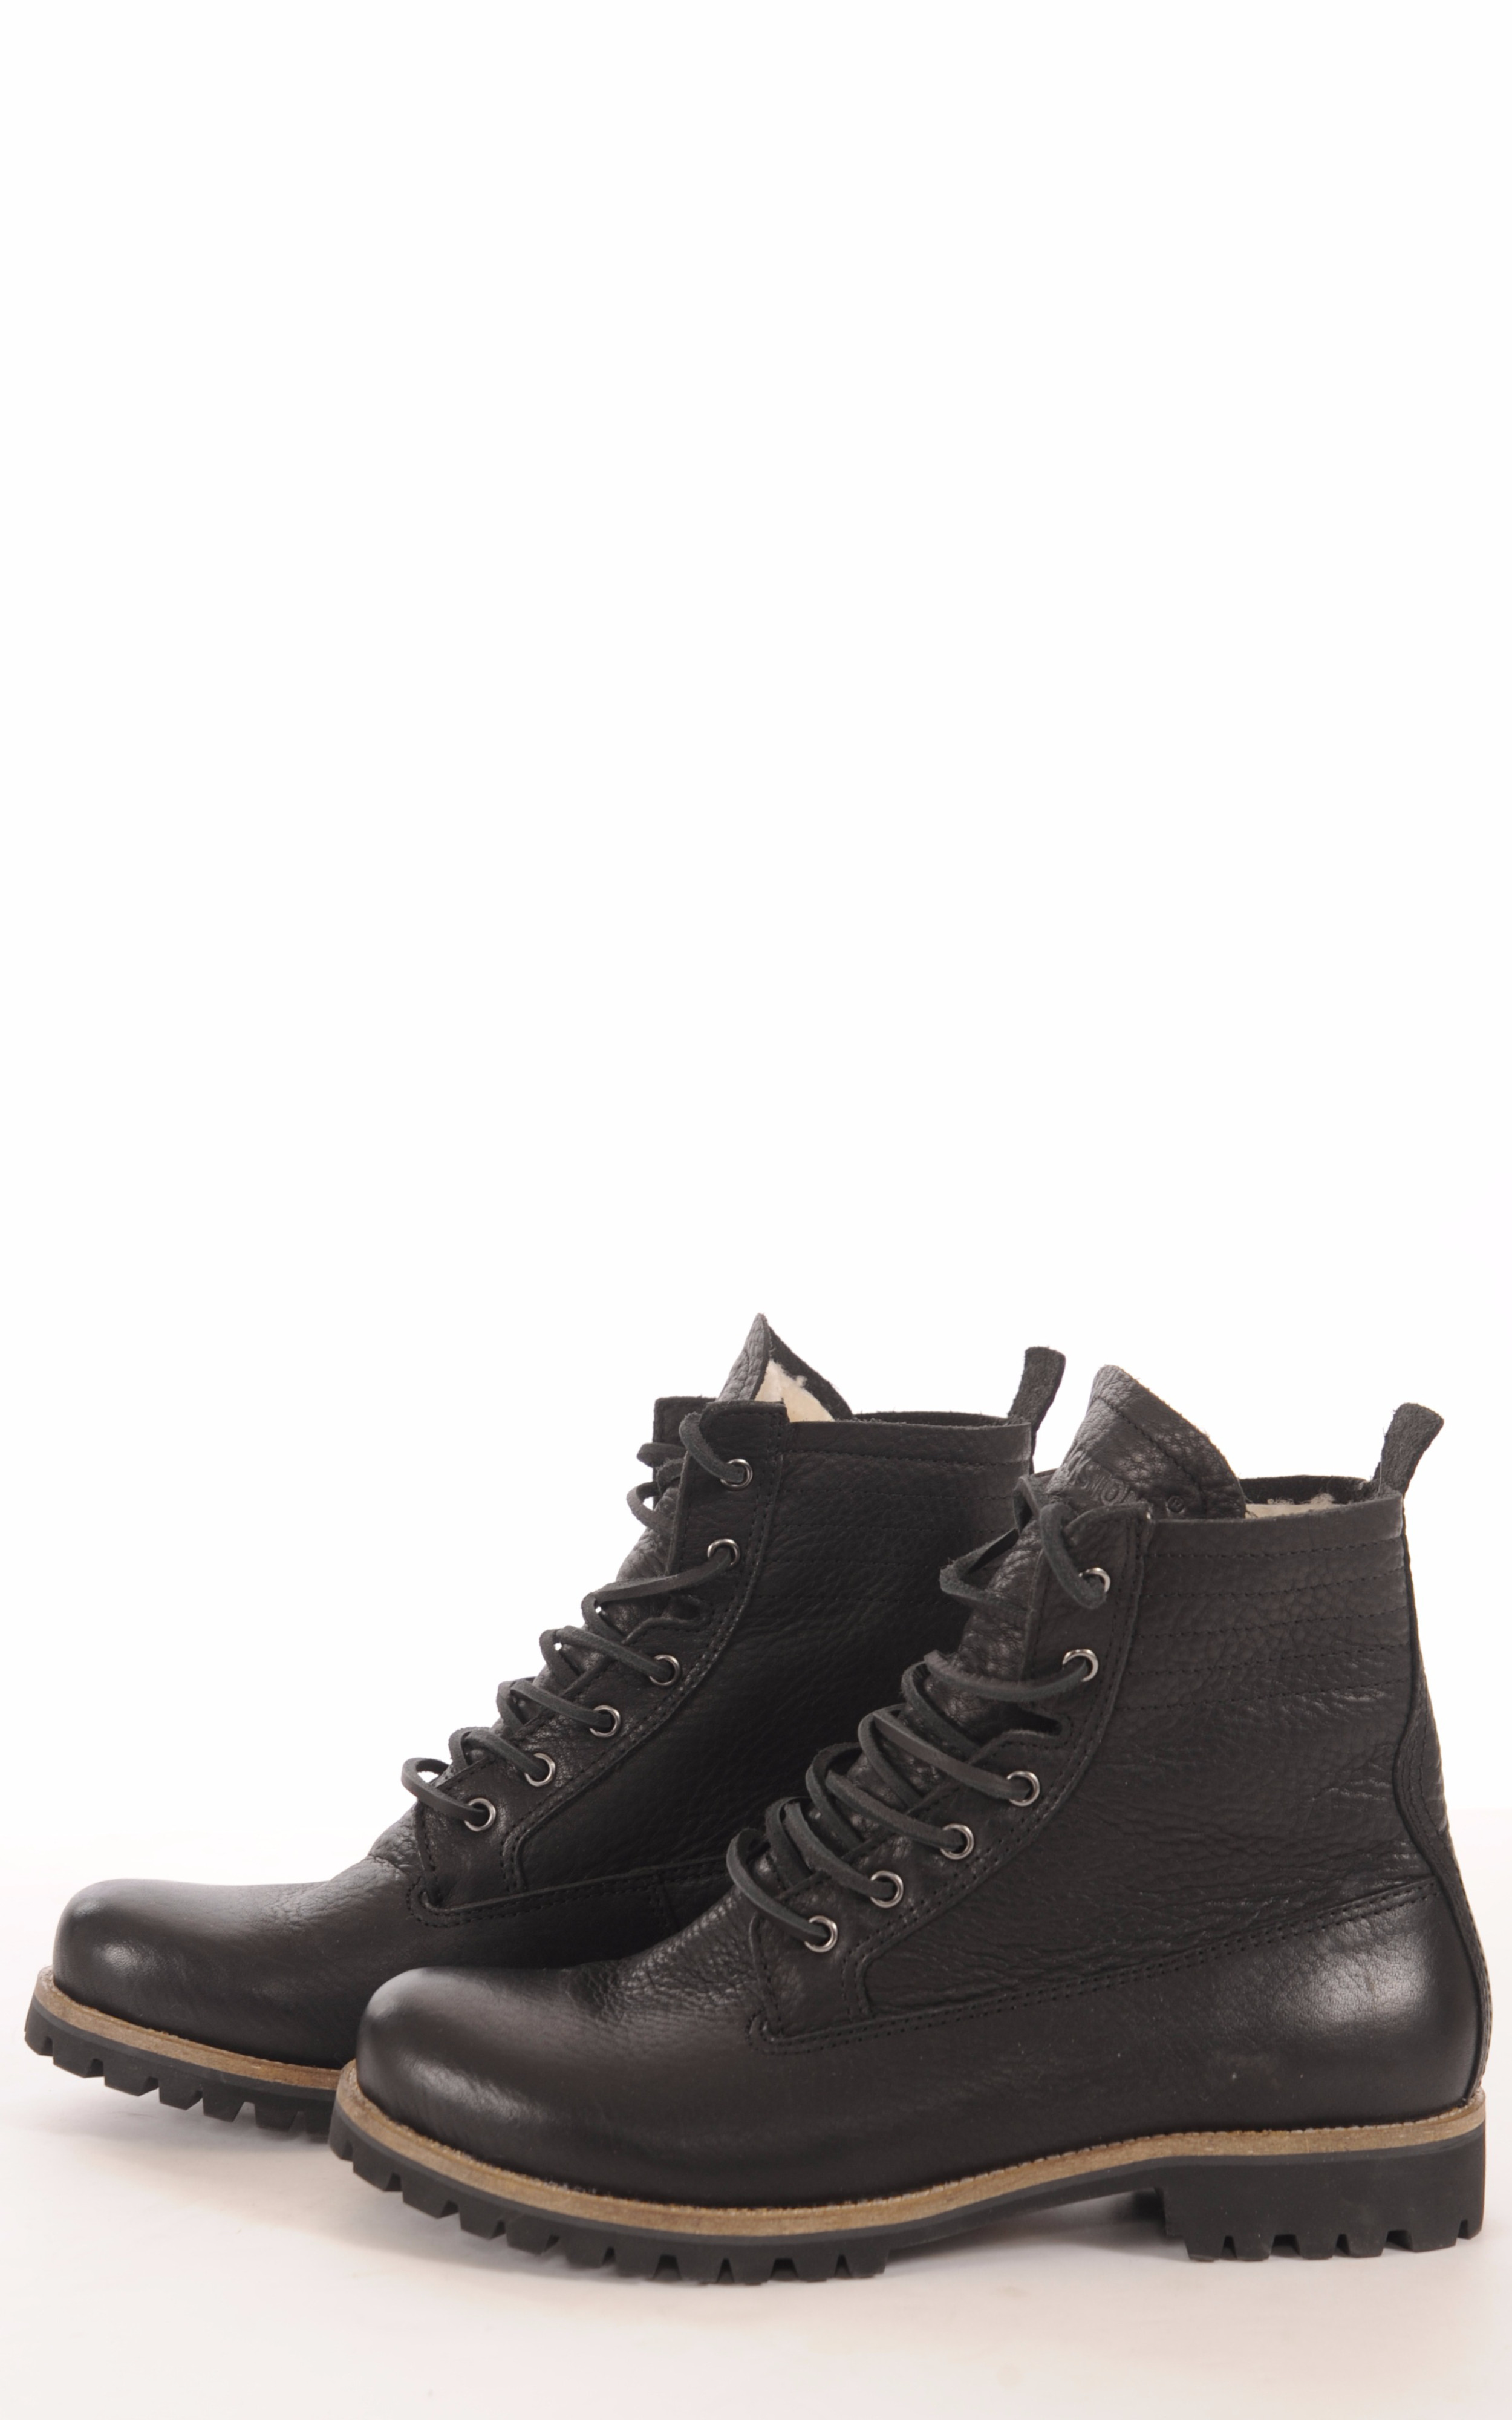 Boots Vachette et Mouton Noir Femme Blackstone